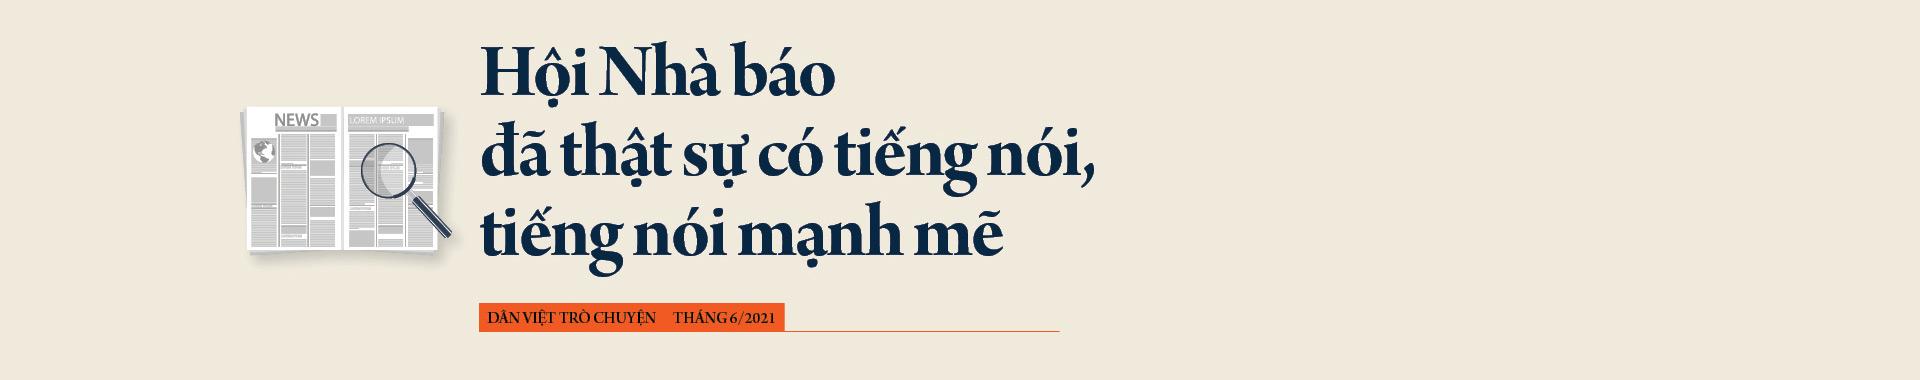 Nhà báo Hồ Quang Lợi: Dù công nghệ thay đổi ra sao, mấu chốt nghề báo vẫn là vì công lý và sự thật - Ảnh 11.